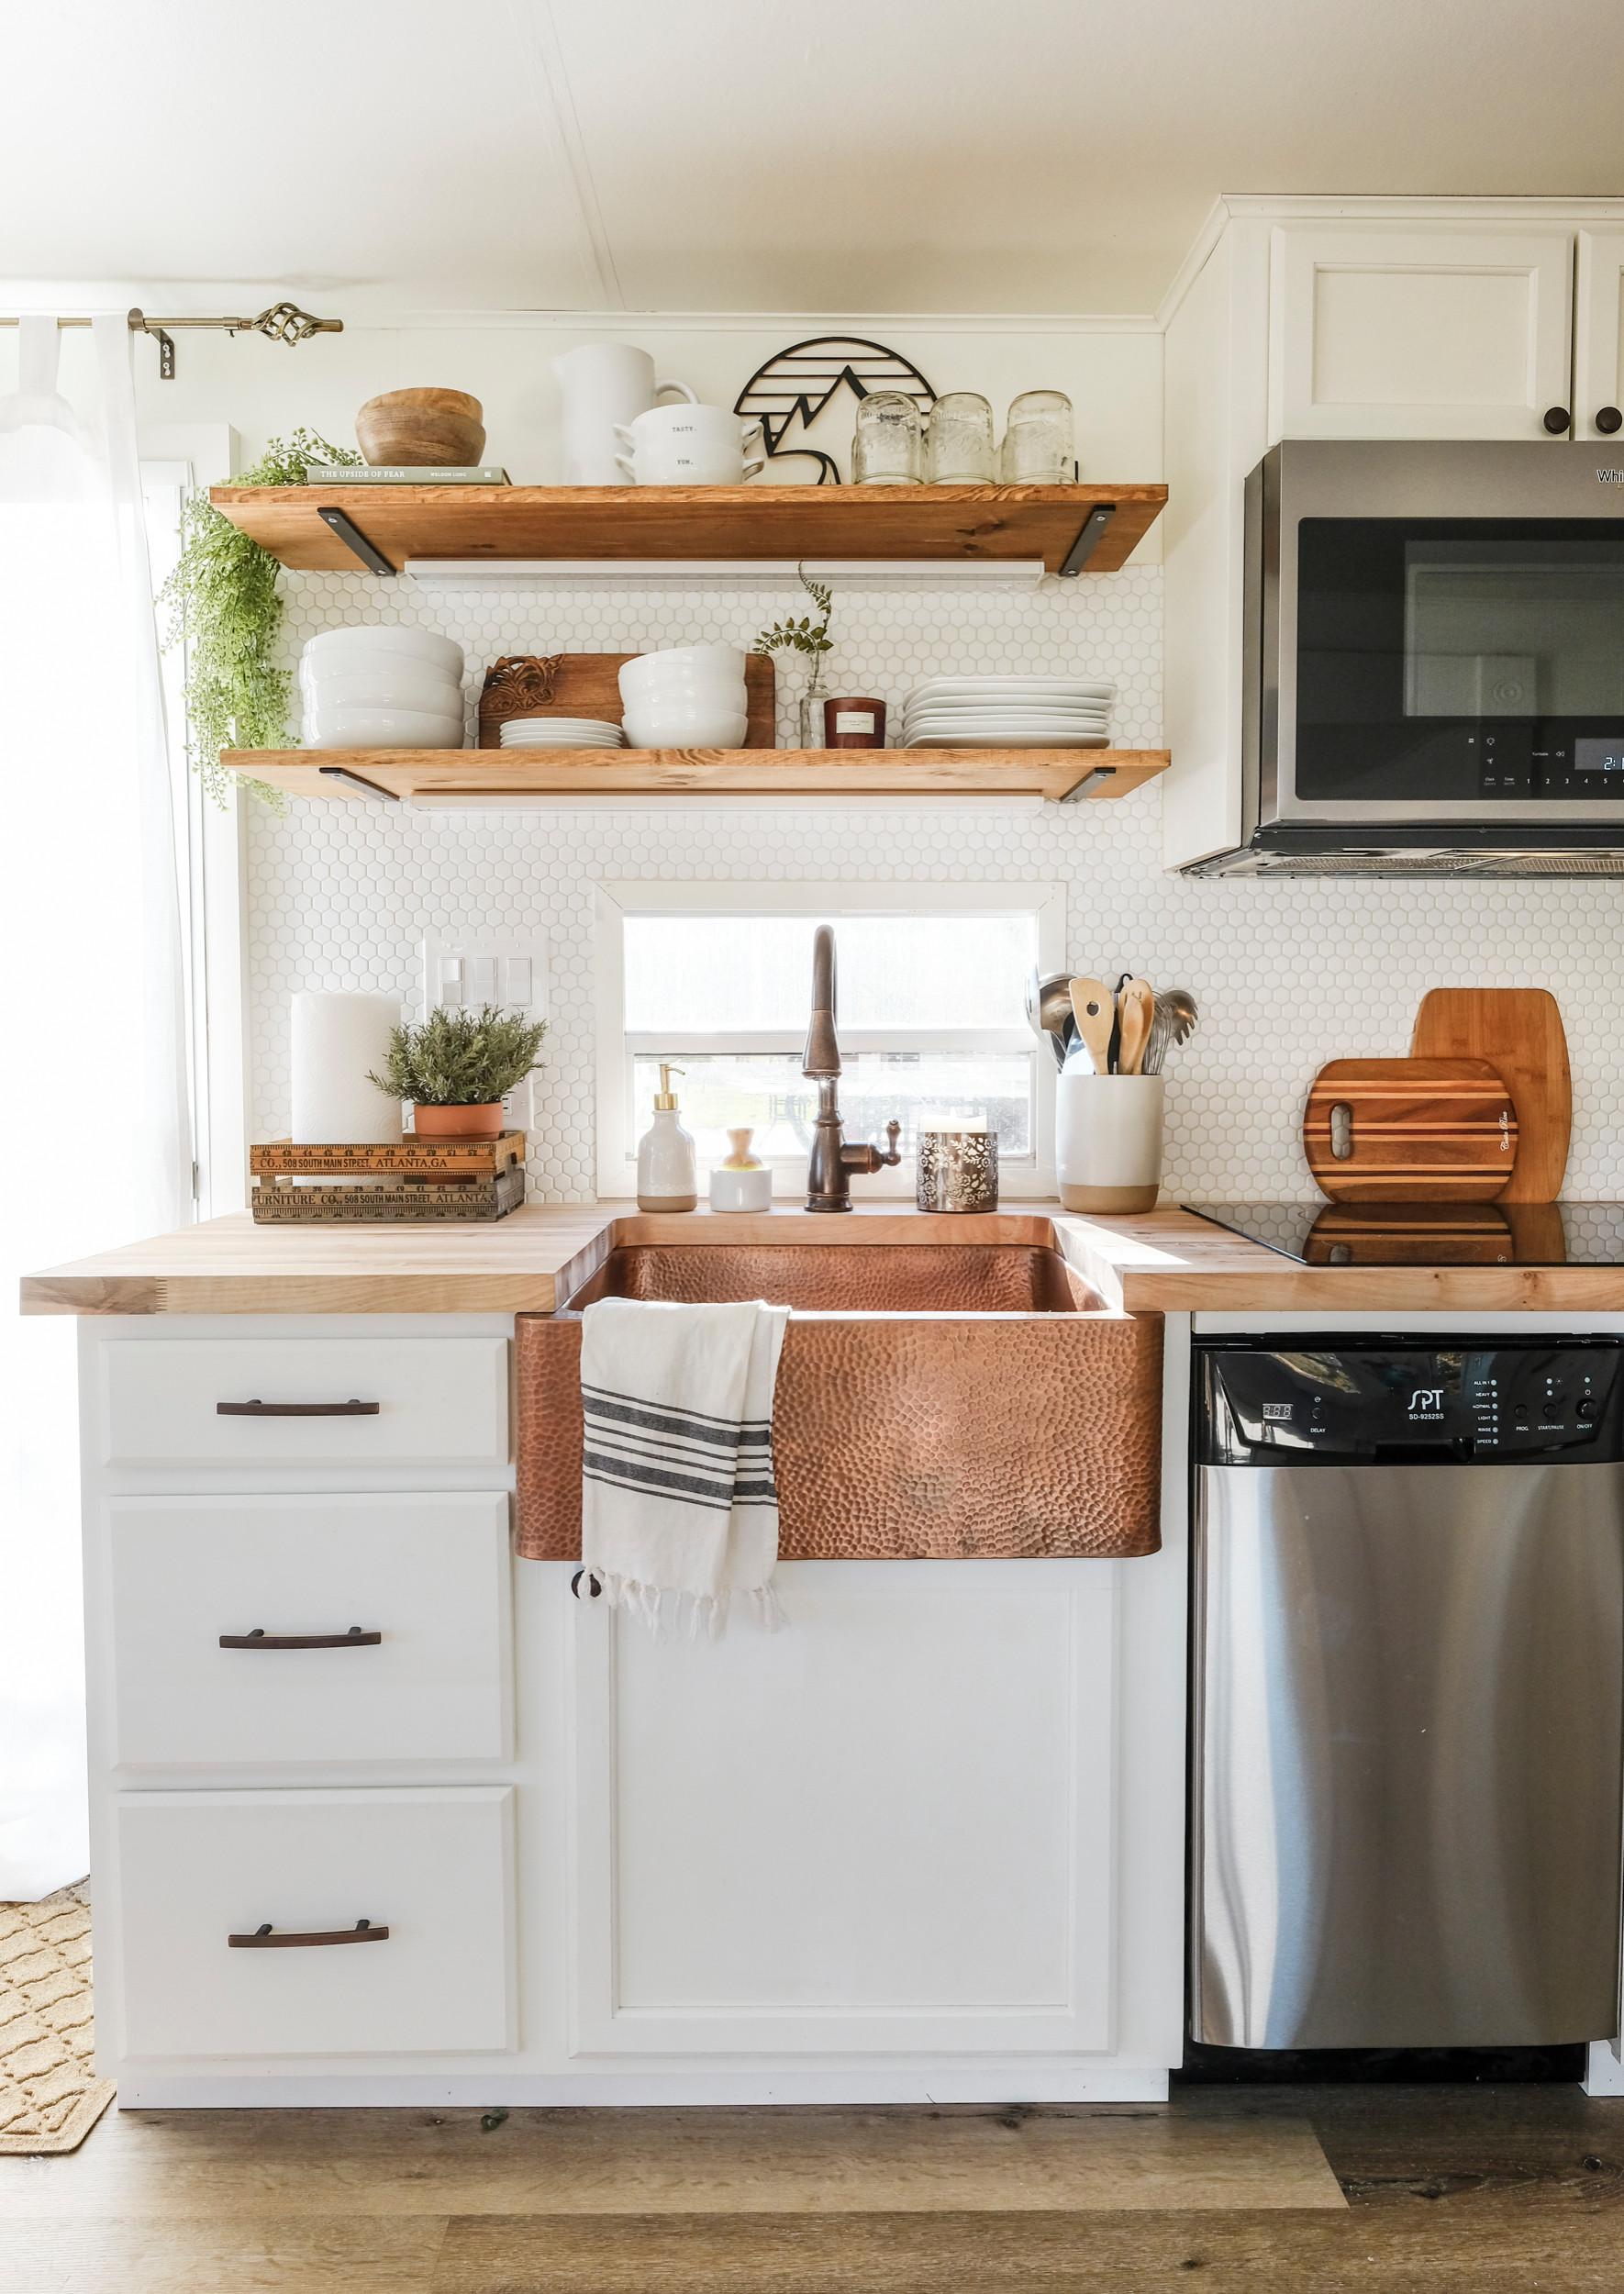 Rv Kitchen Ideas & Photos  Houzz